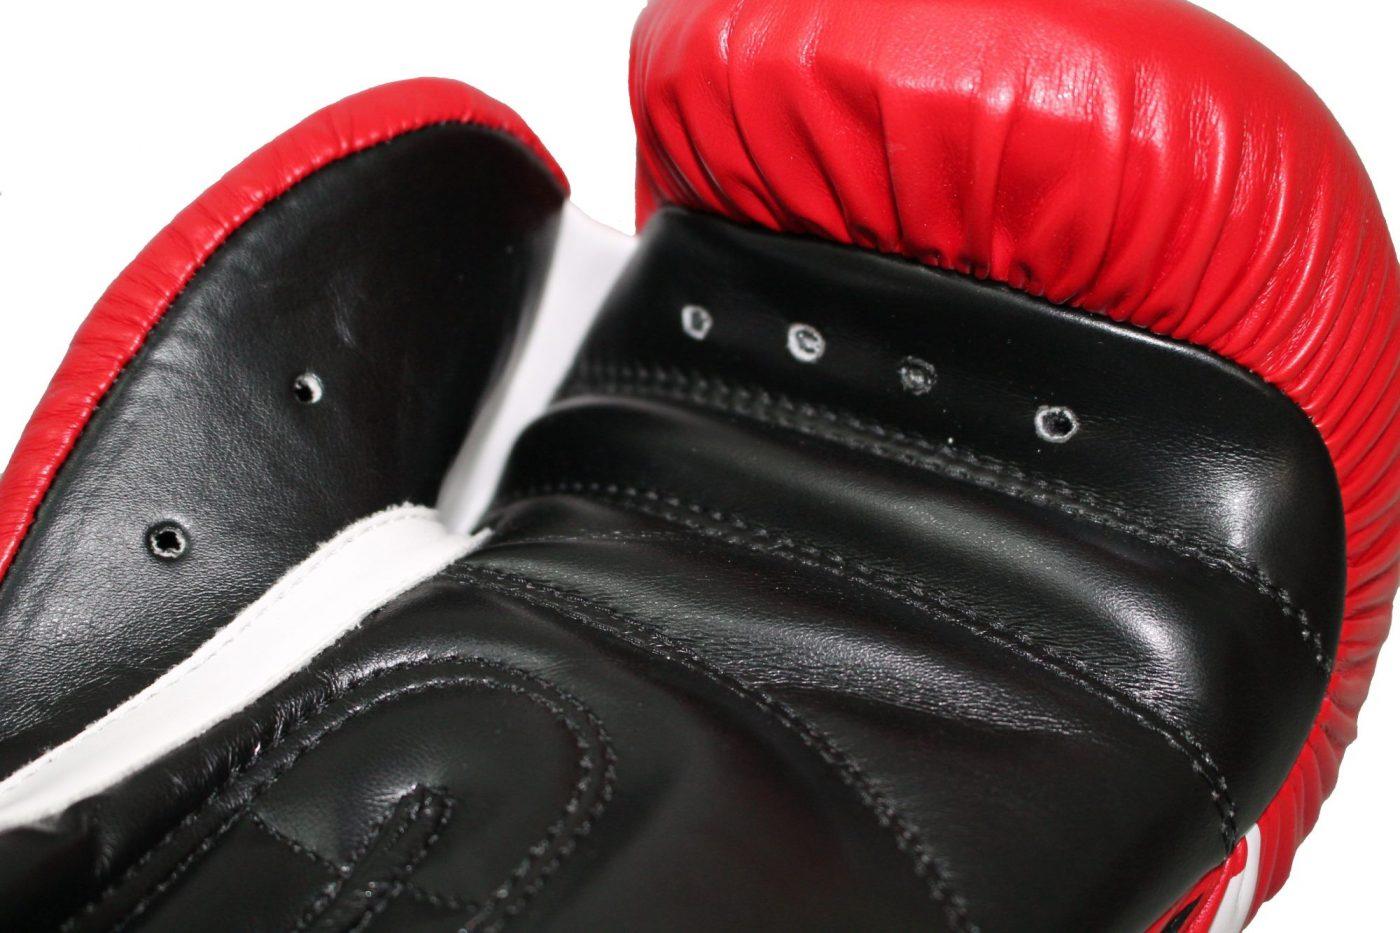 Manus Bokshandschoenen / sparringshandschoenen Rood - Wit